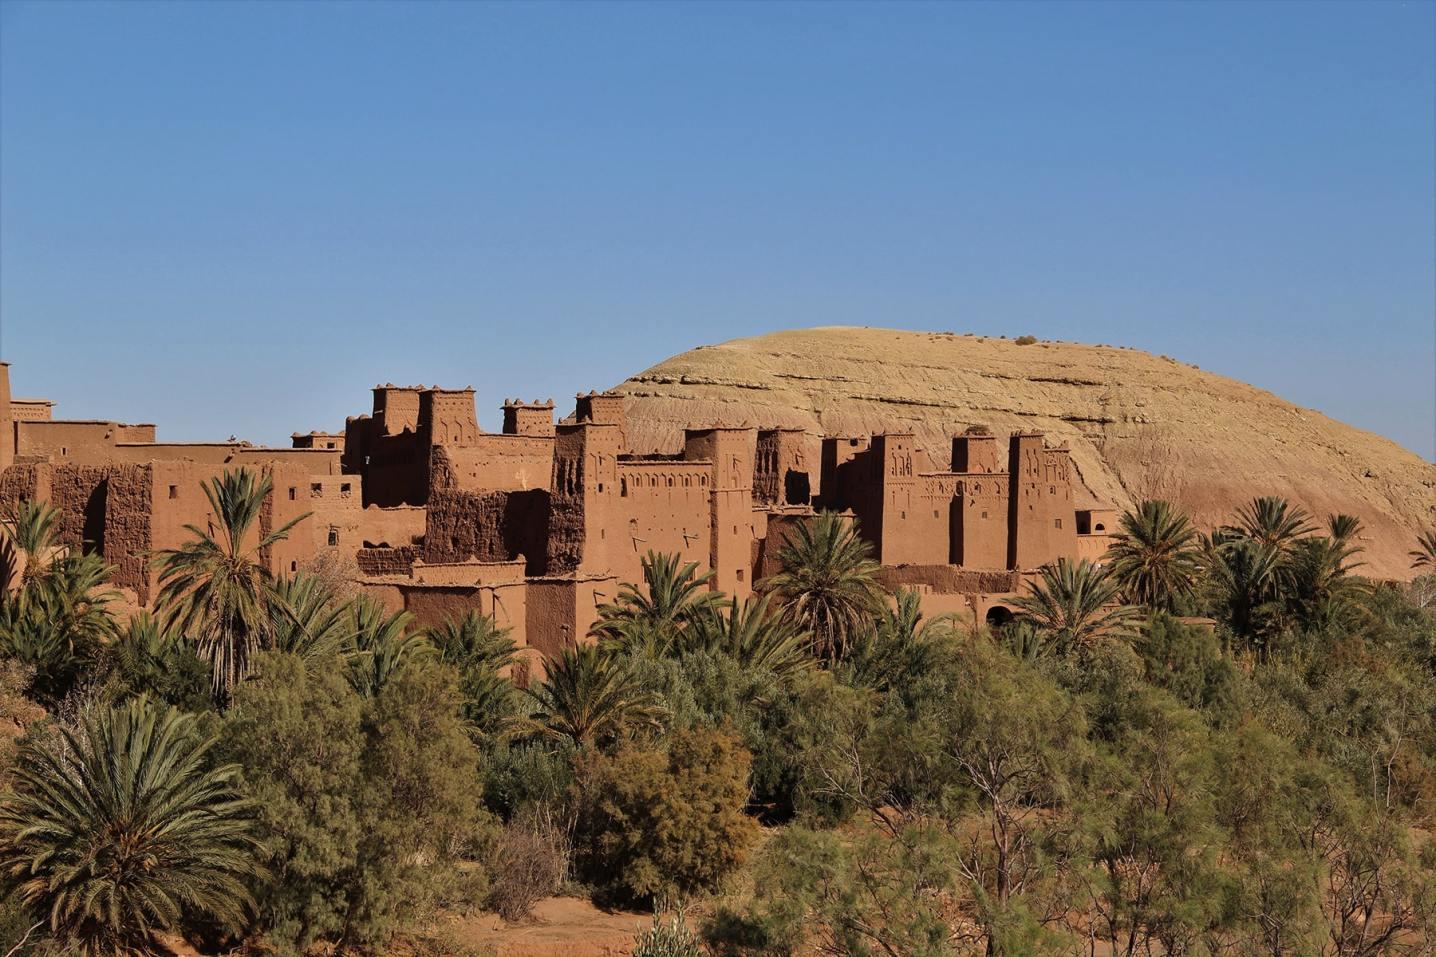 Vista sulla kasbah di Ait Benhaddou e sul palmeto